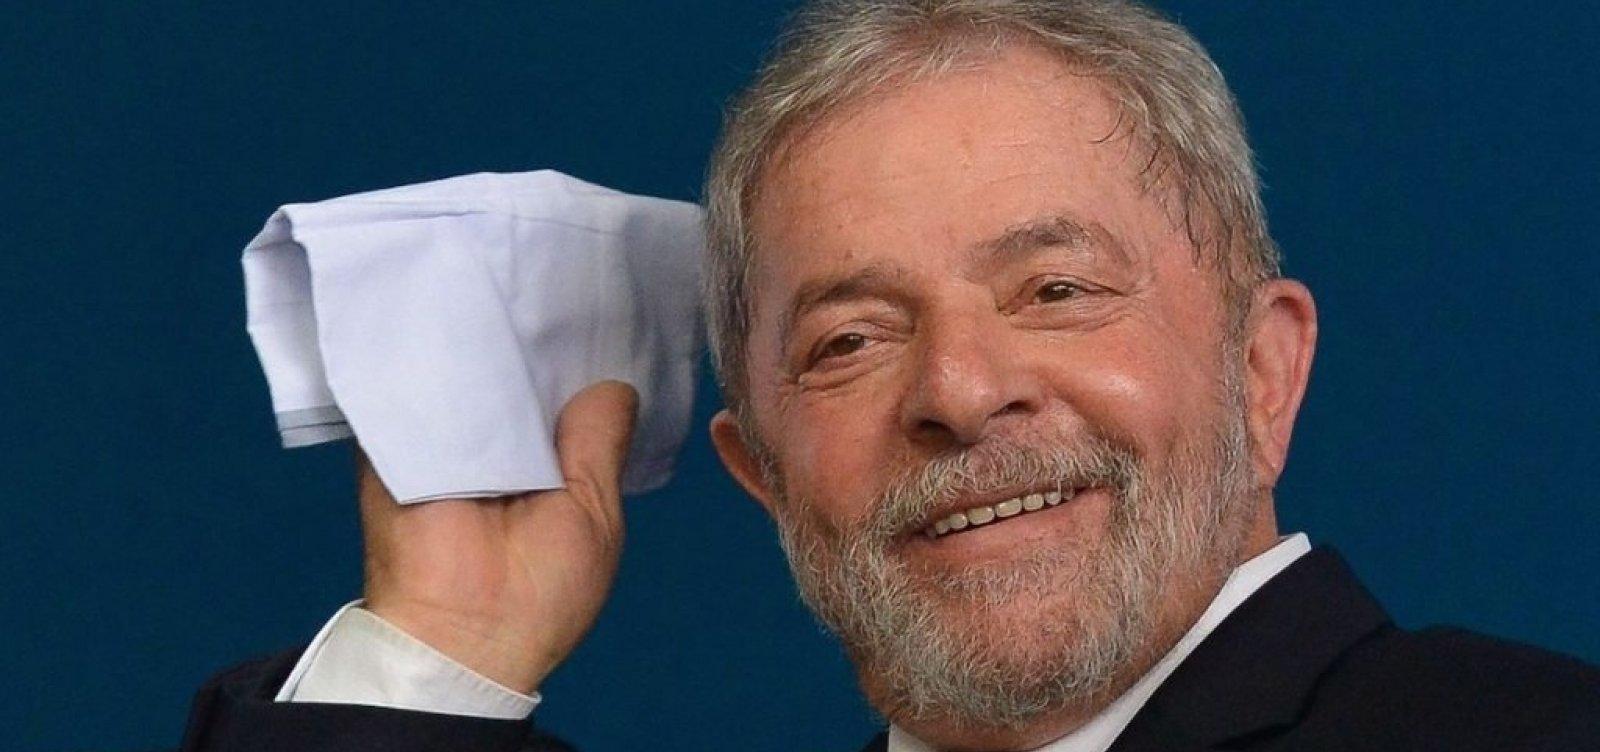 [Após guerra jurídica, Lewandowski garante entrevista exclusiva de Lula a jornais]